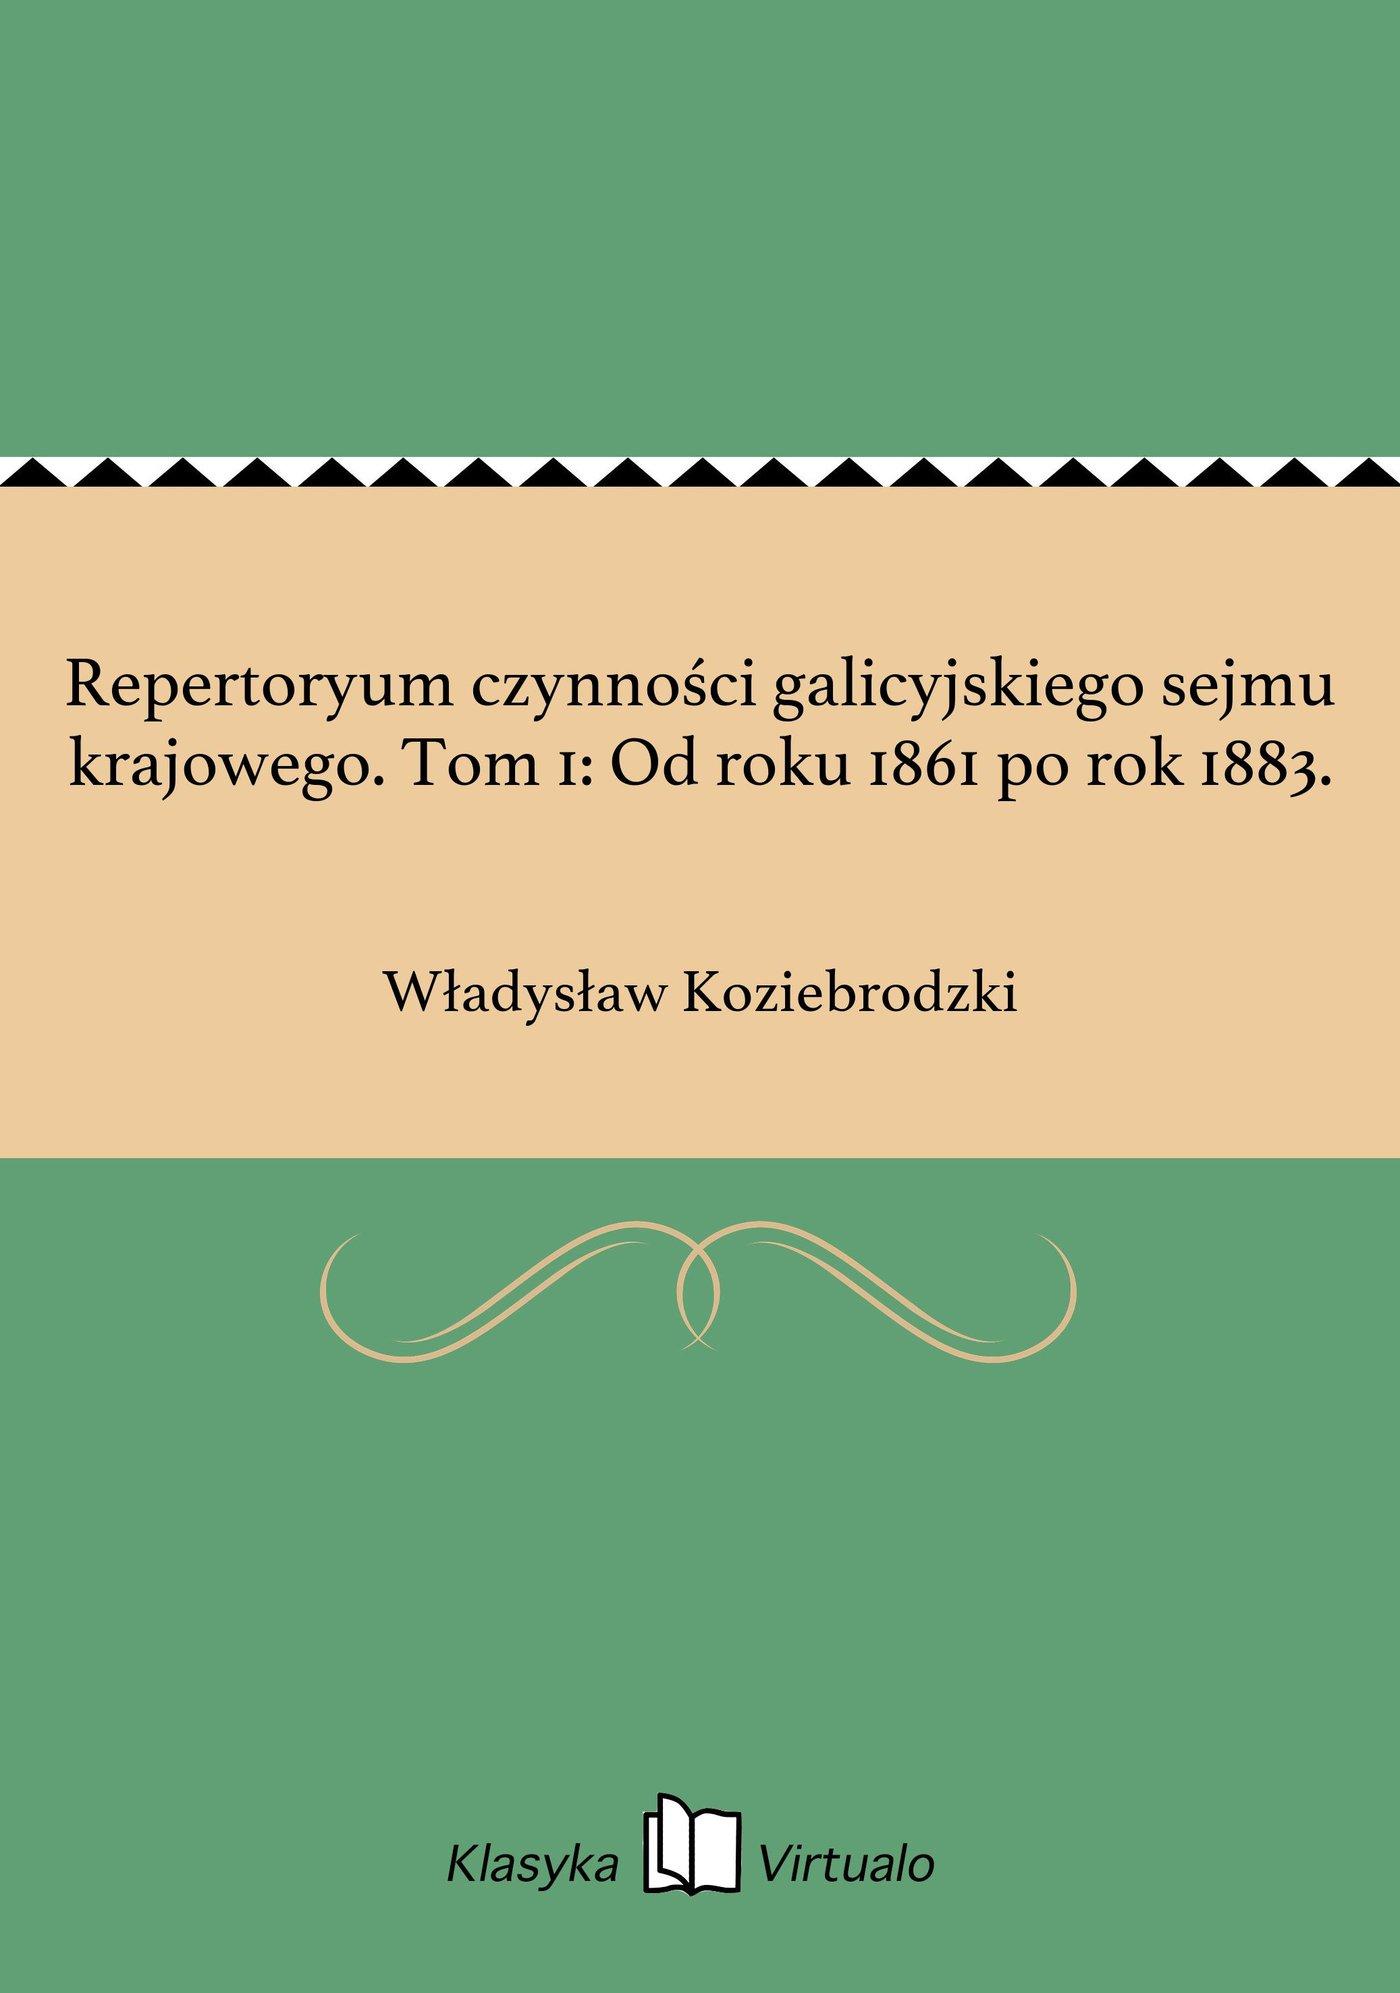 Repertoryum czynności galicyjskiego sejmu krajowego. Tom 1: Od roku 1861 po rok 1883. - Ebook (Książka na Kindle) do pobrania w formacie MOBI